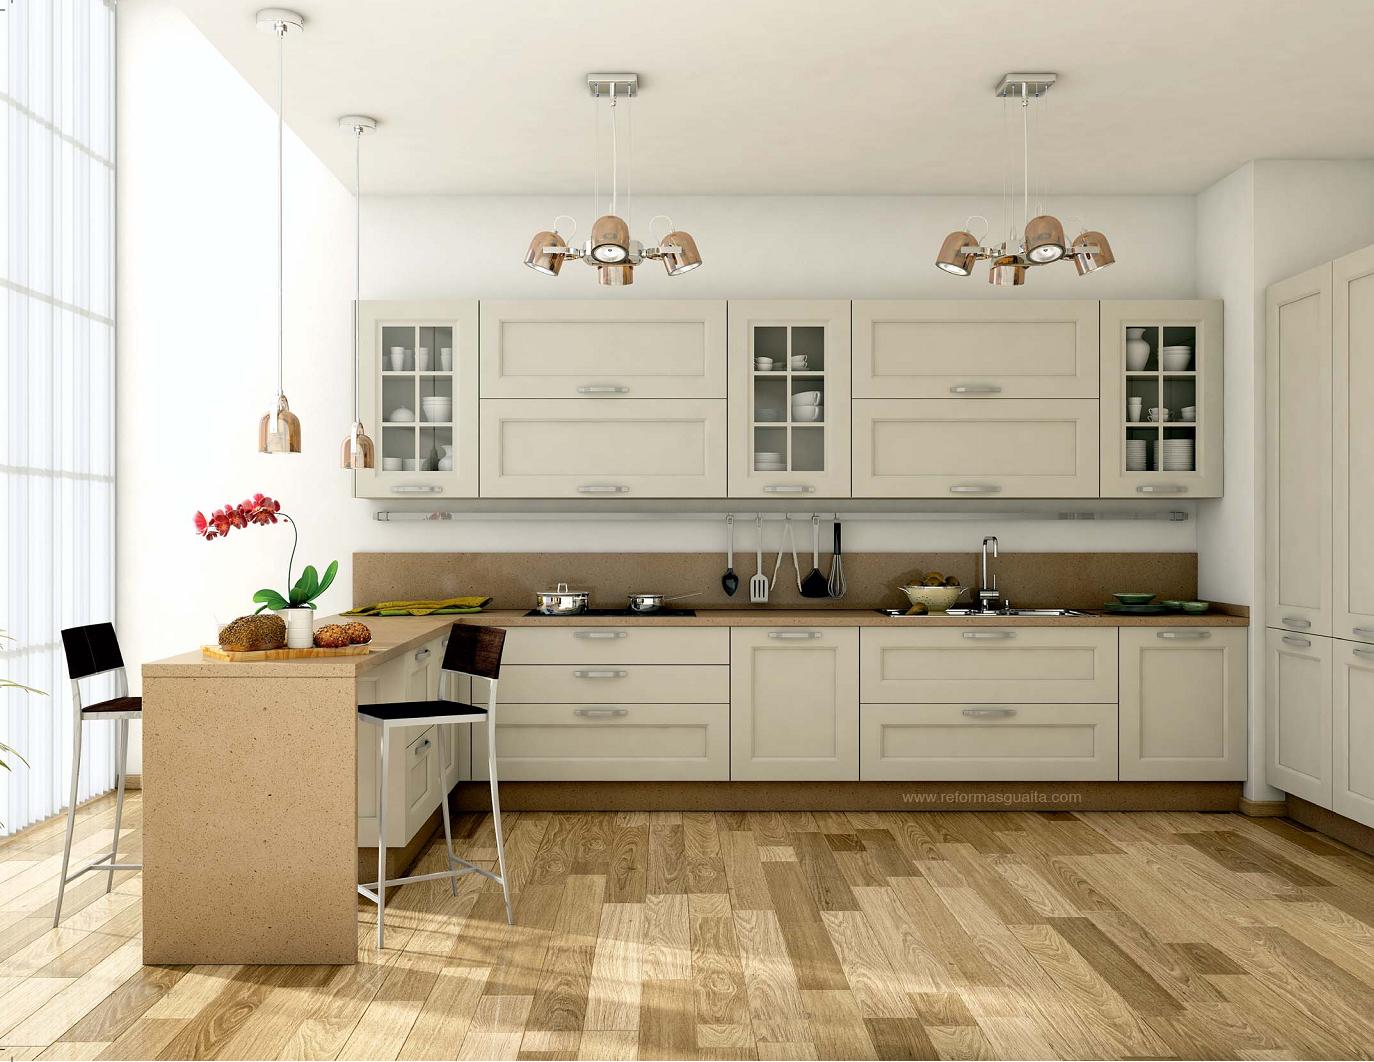 Cocina Blanca Azulejos Beige – Gormondo.com